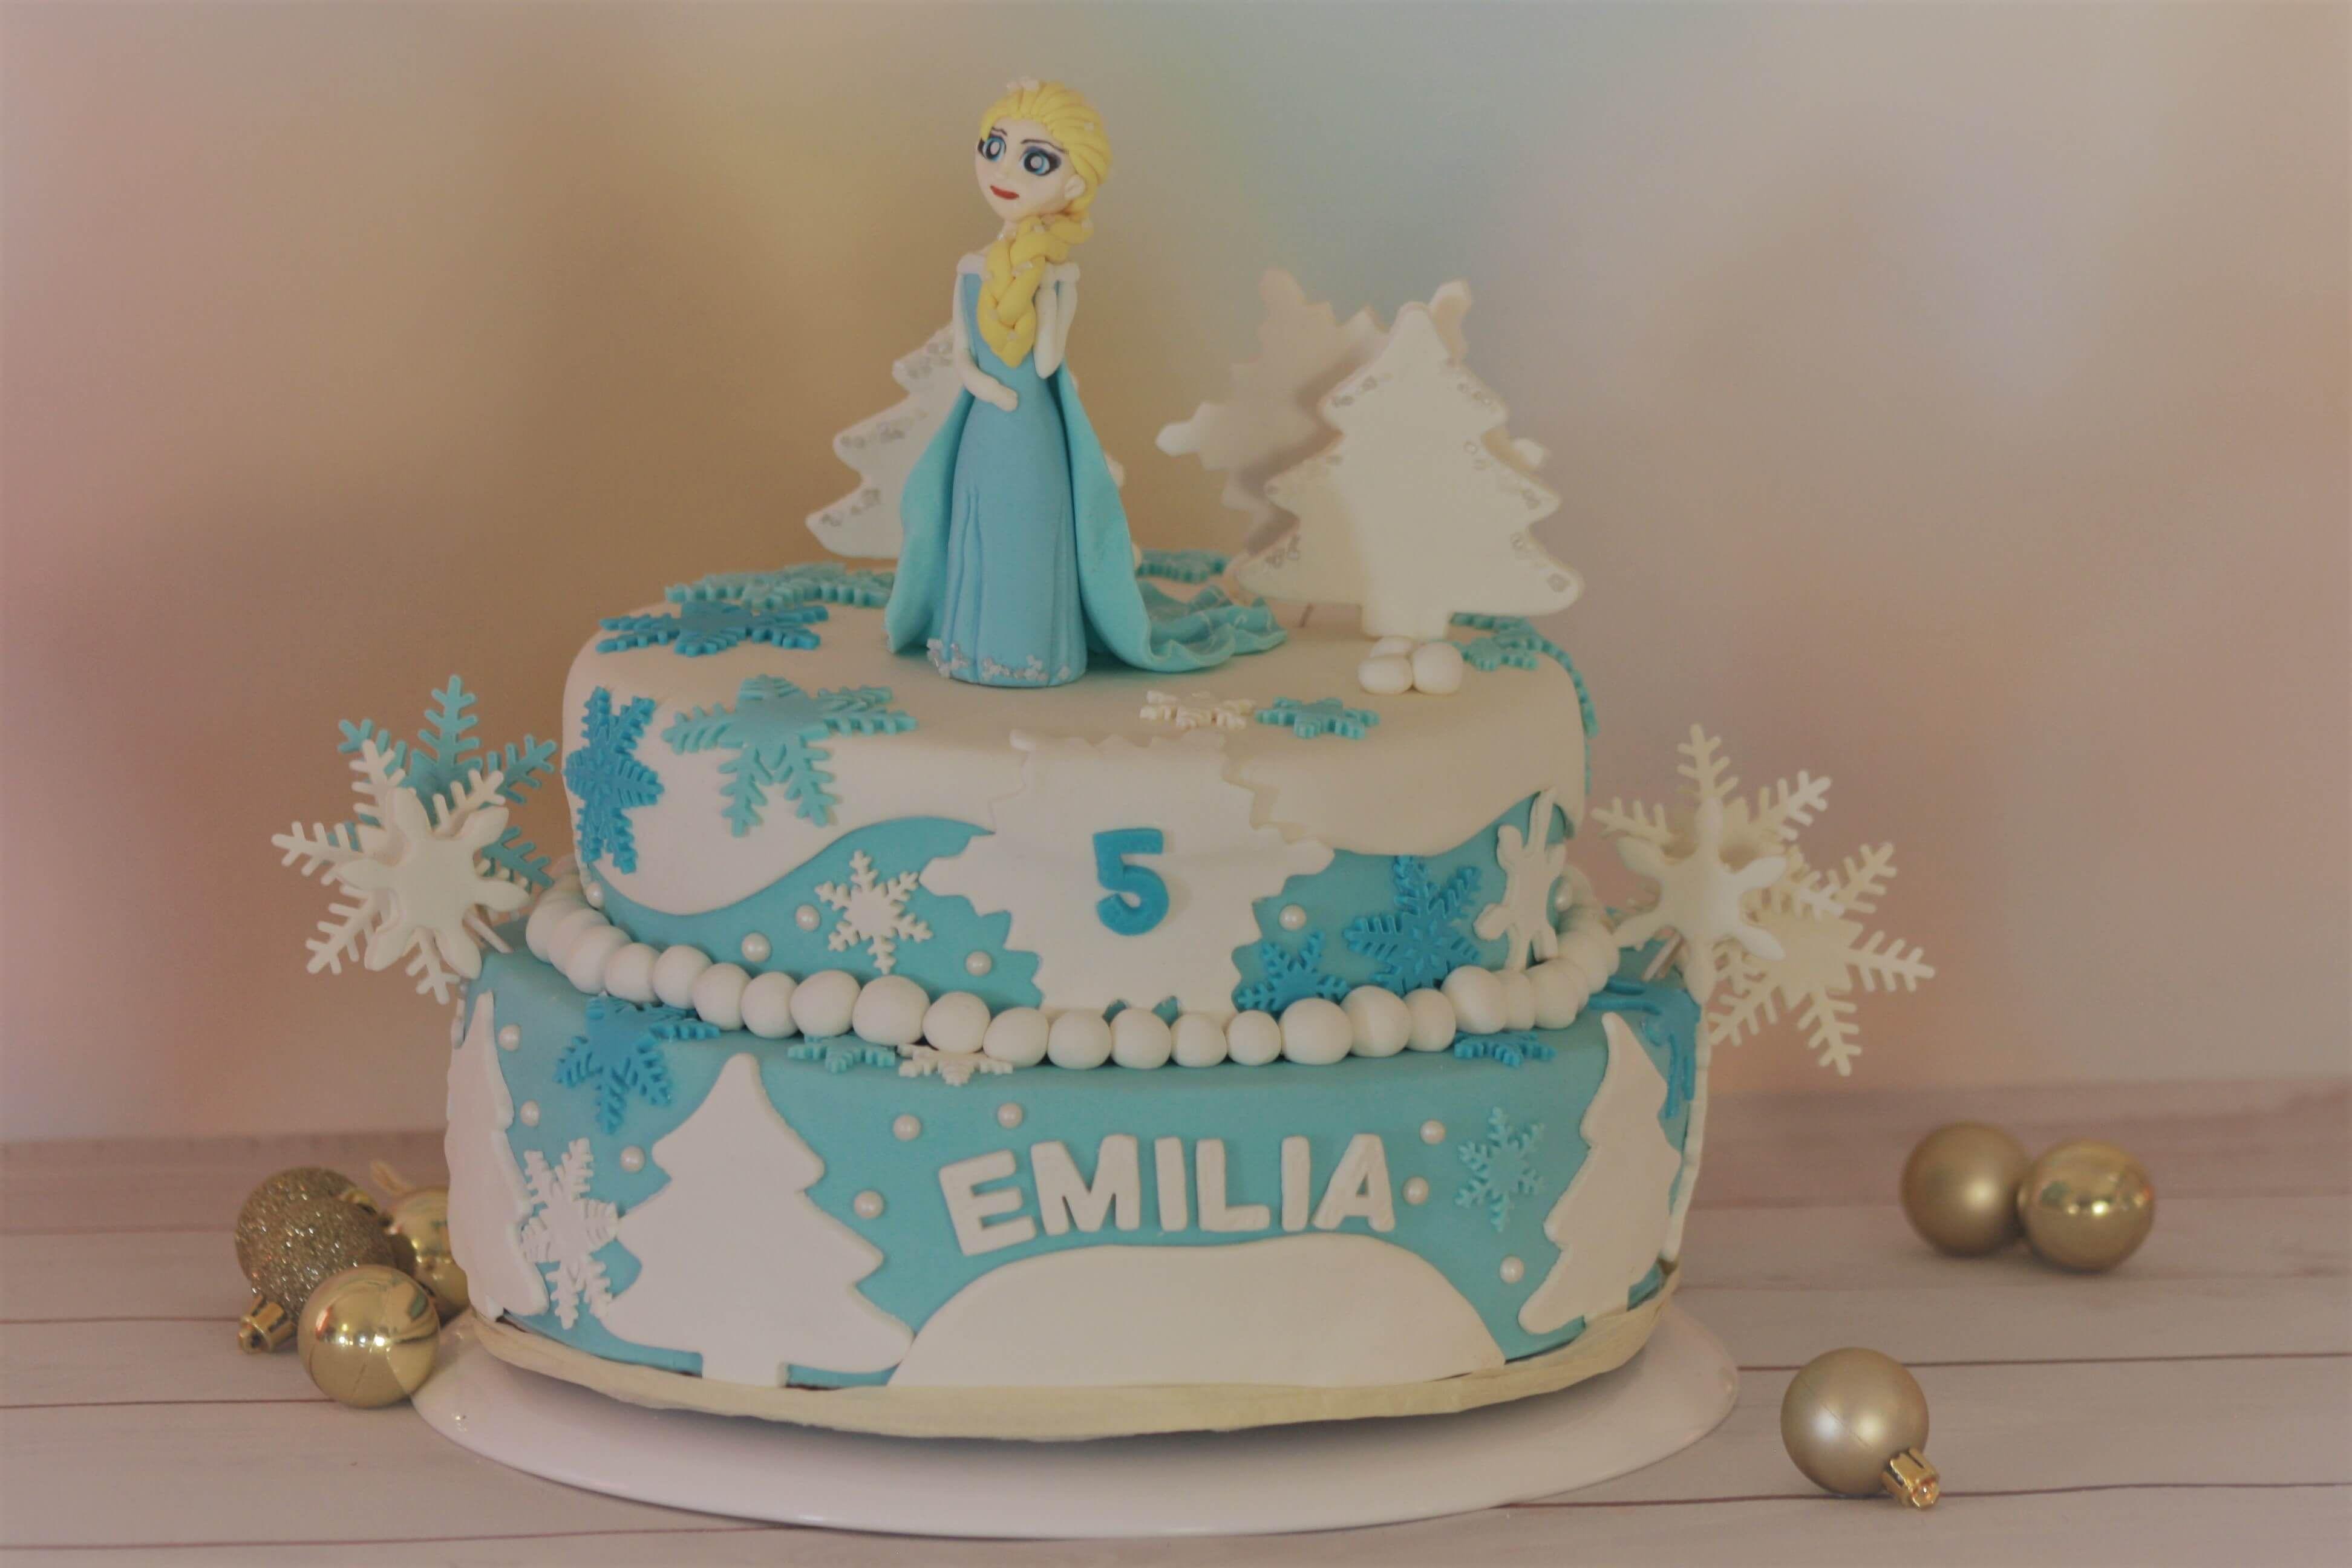 Tort Urodzinowy Elsa Z Krainy Lodu Elsa Frozen Birthday Cake With Images Torty Urodzinowe Tort Frozen